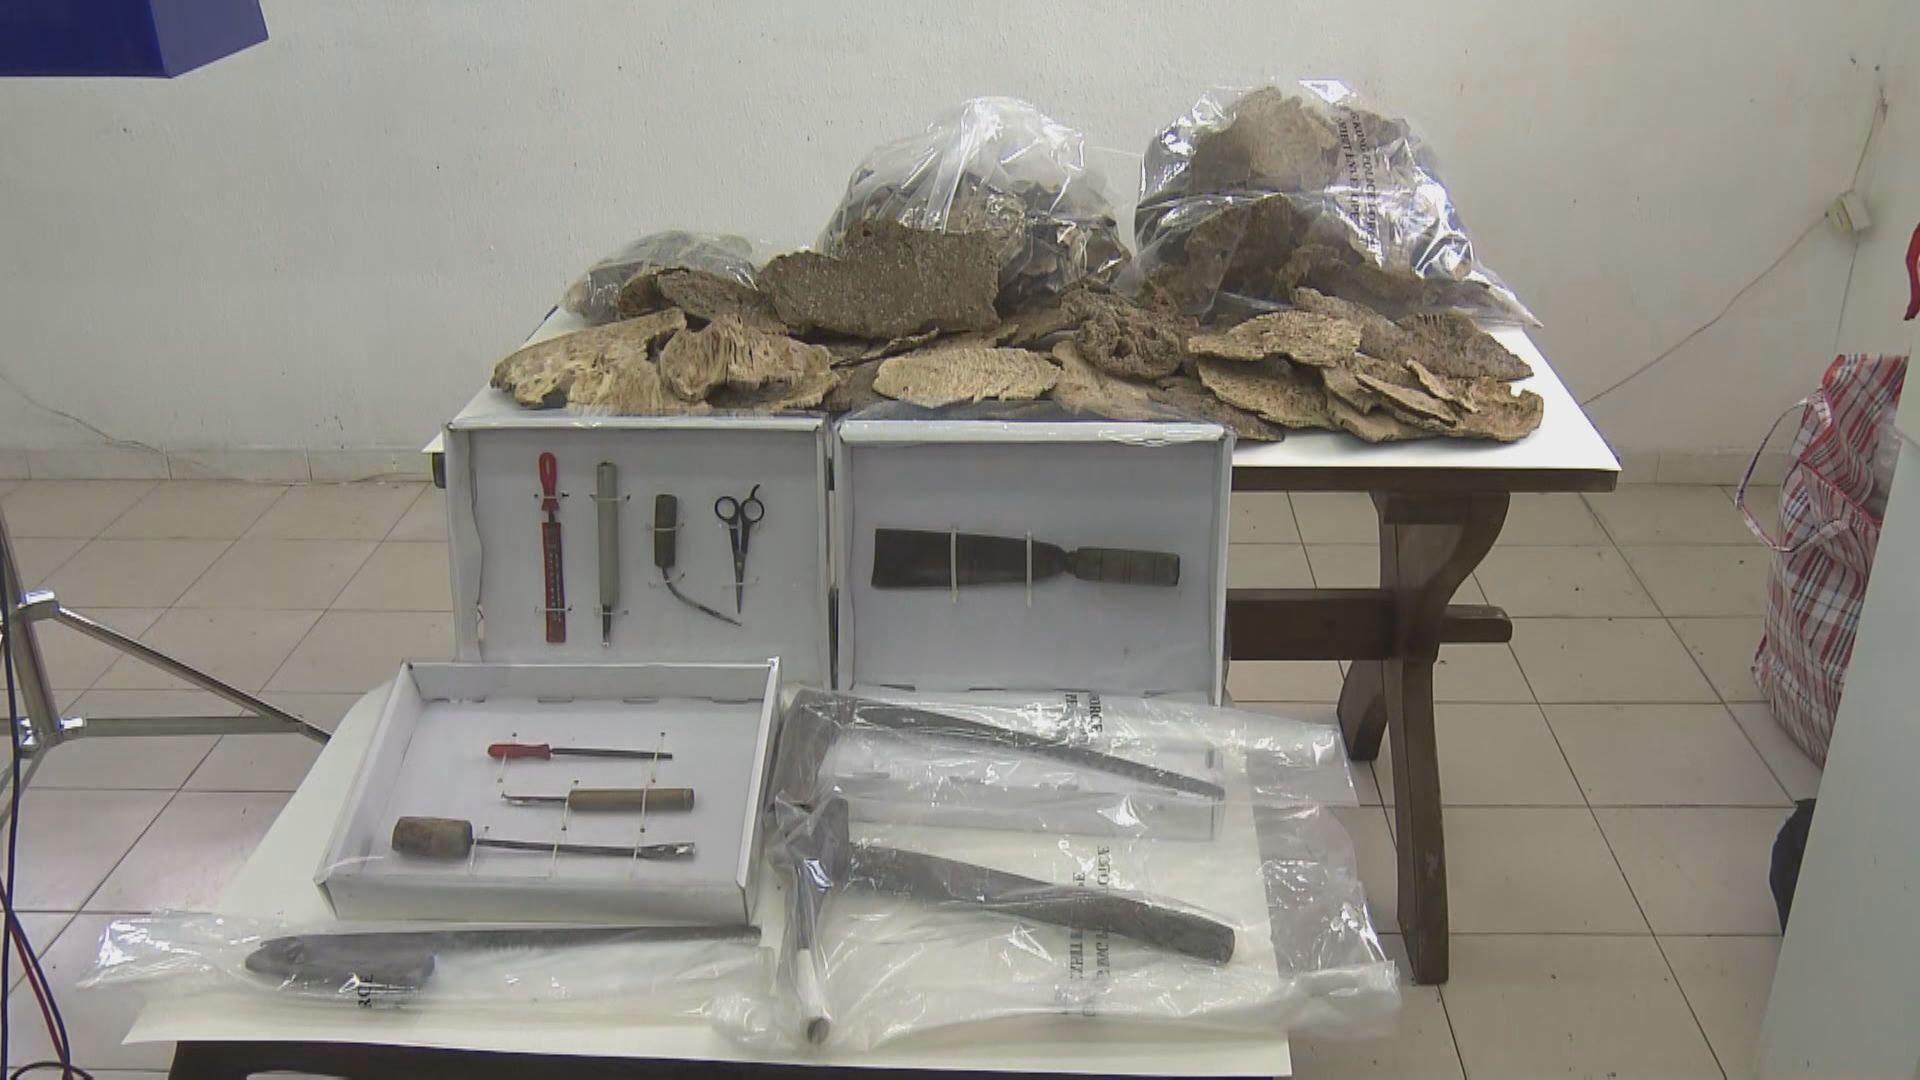 警方檢獲八公斤沉香製成品 市值約60萬元